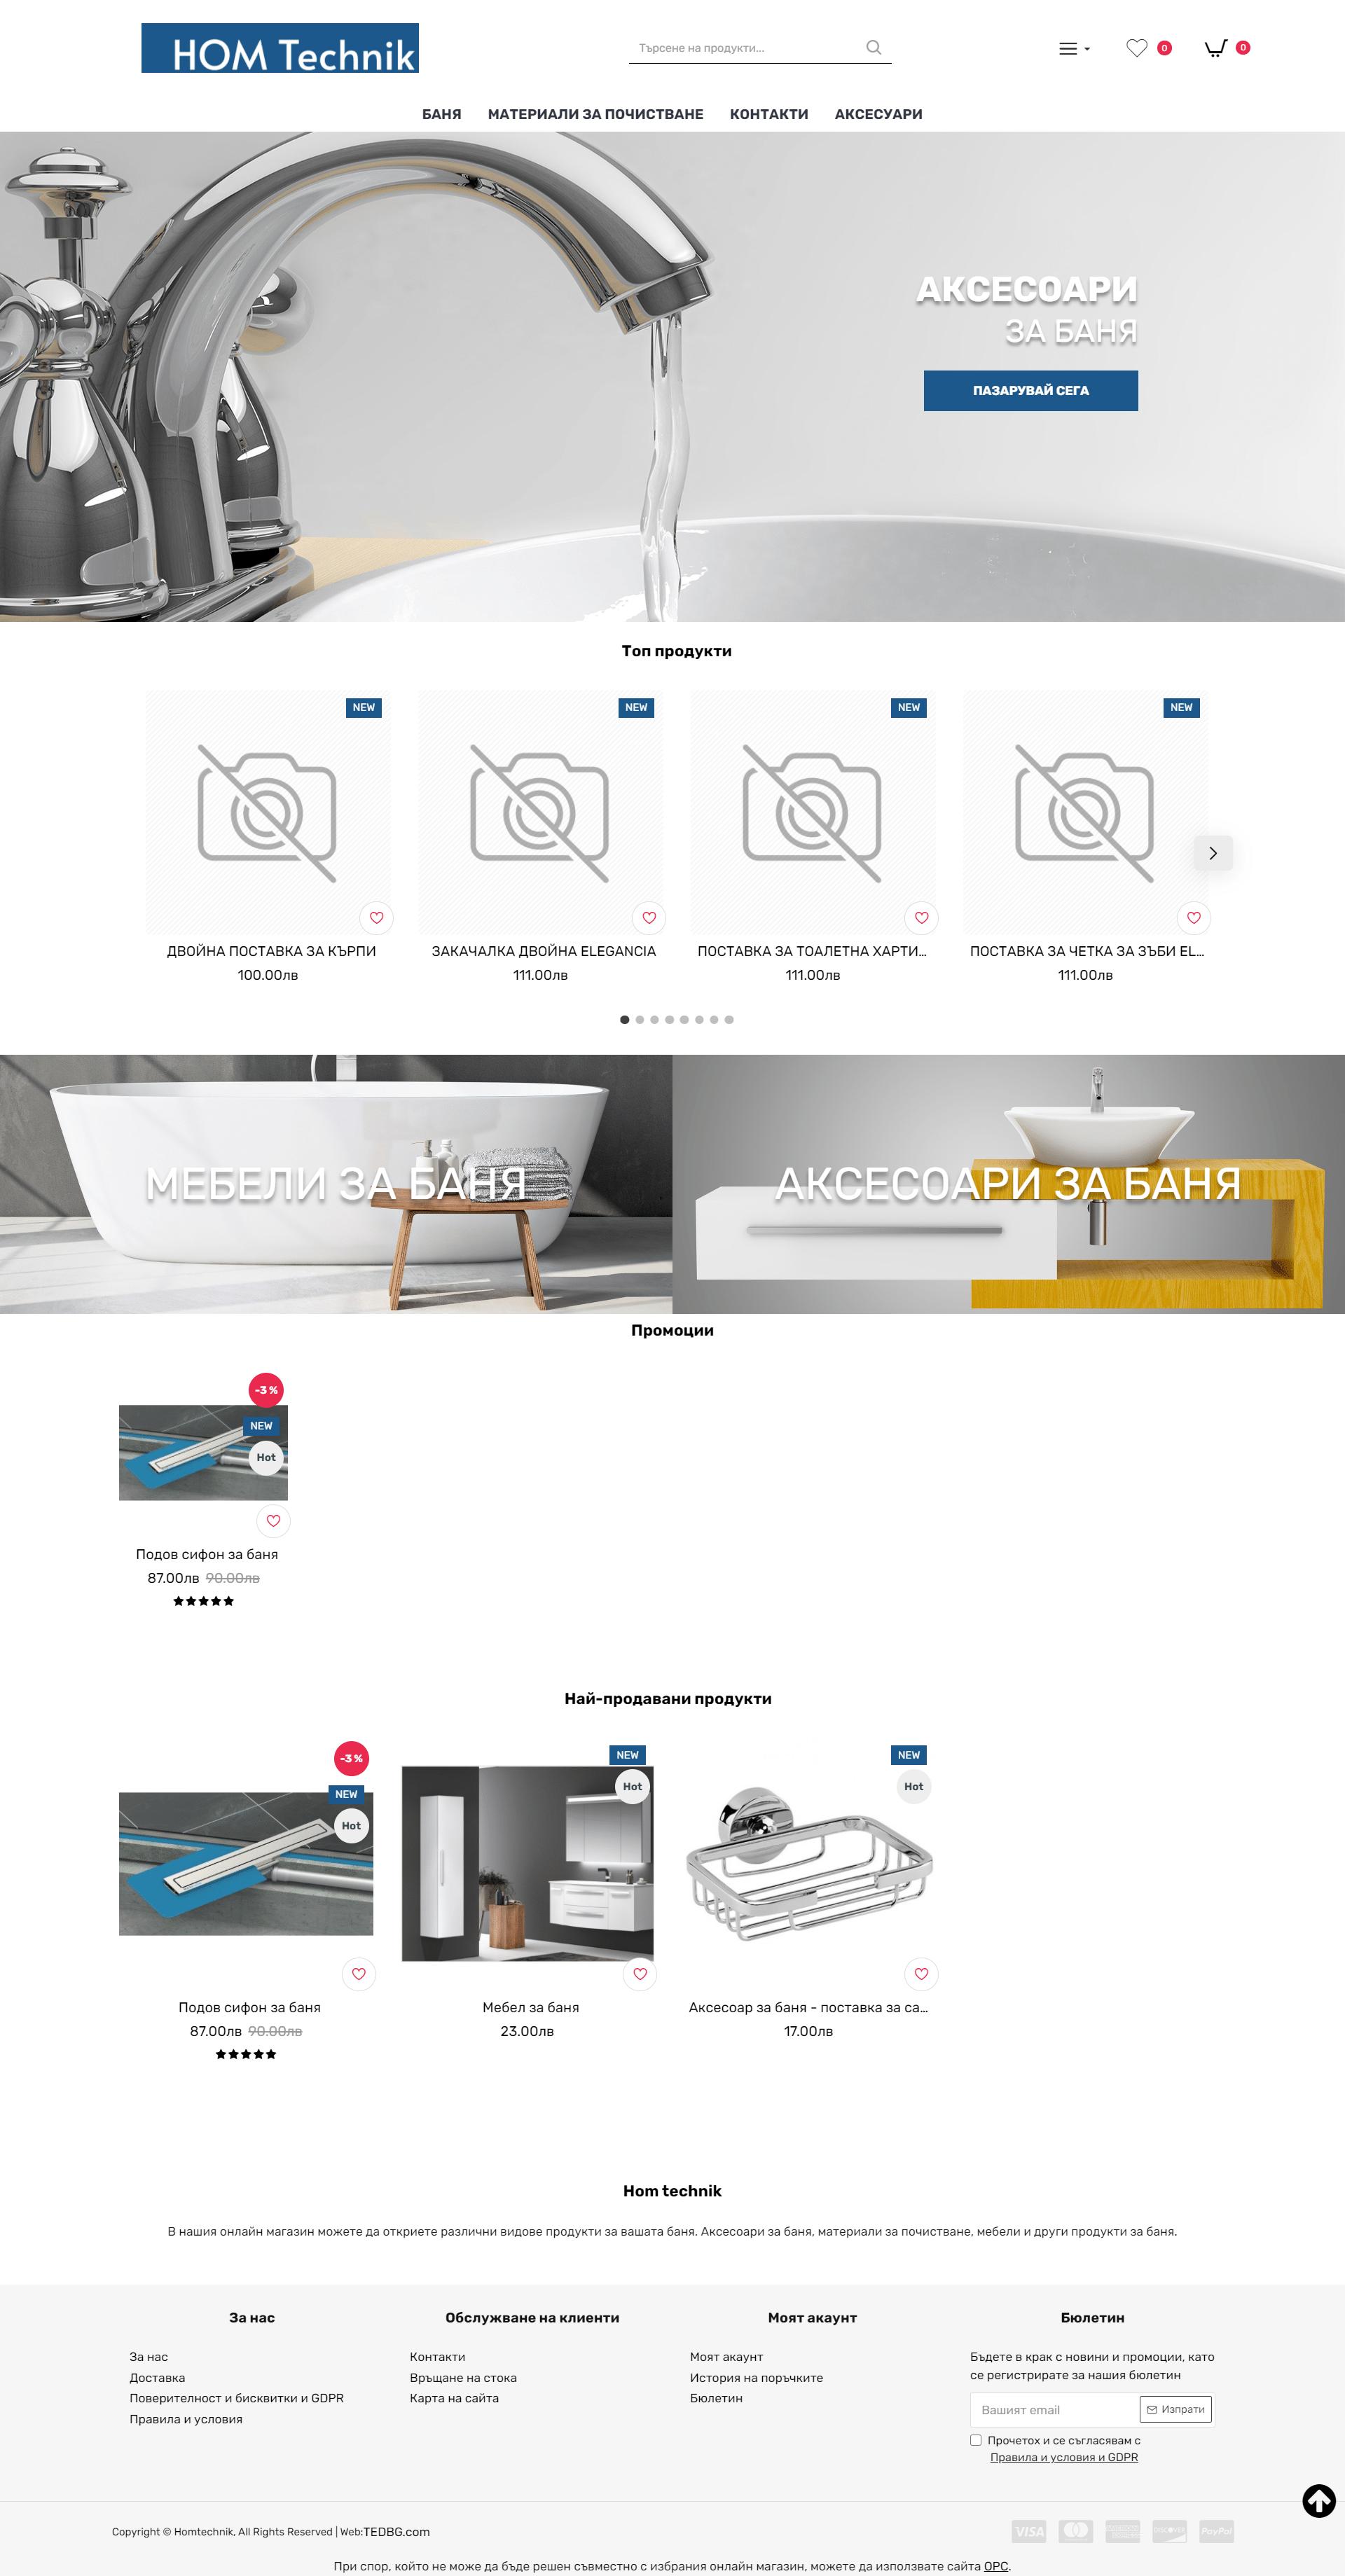 Онлайн магазин за мебели и аксесоари за баняа